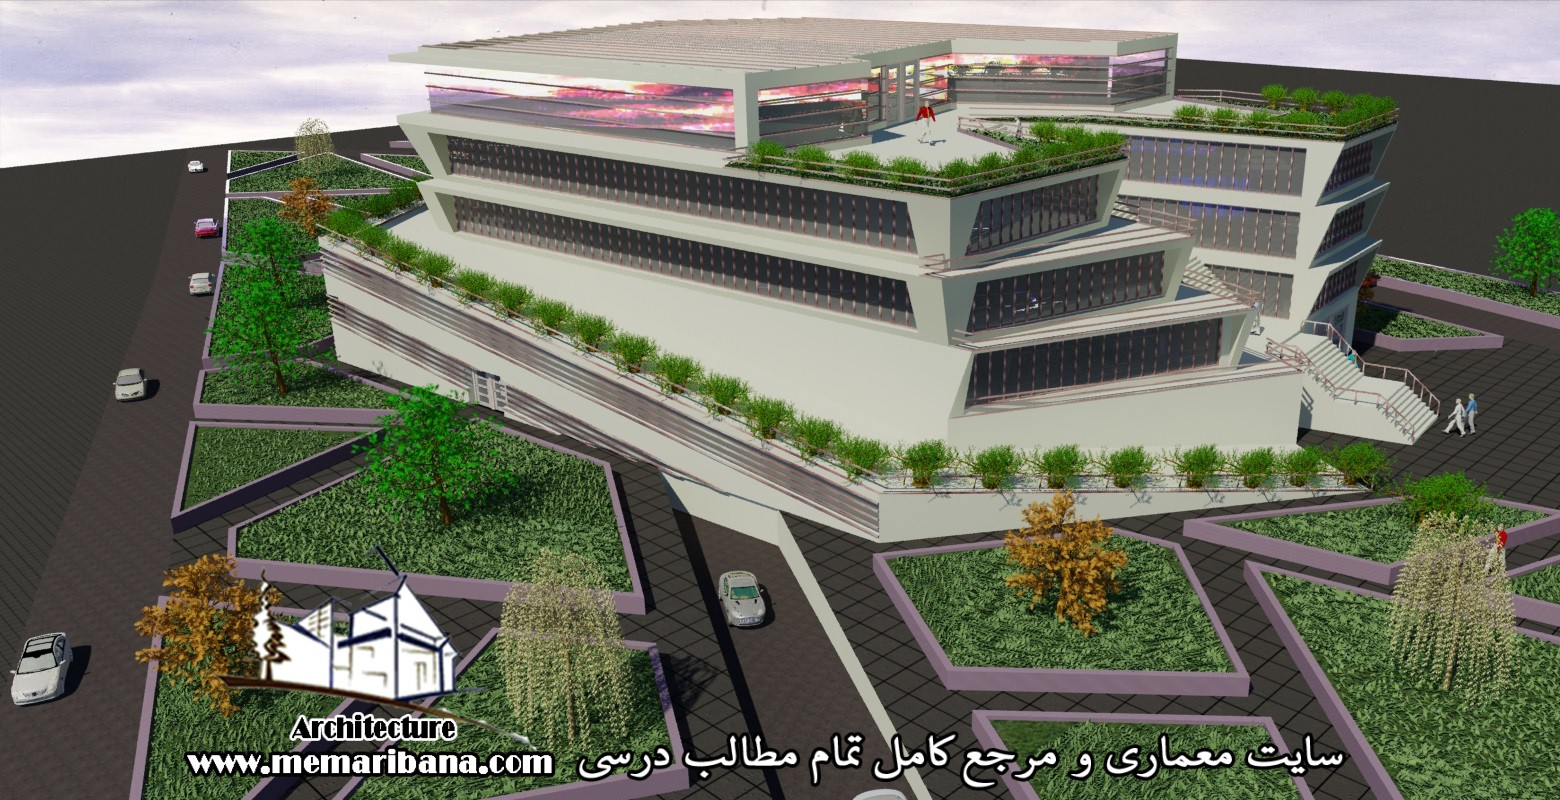 دانلود پروژه اتوکدی مرکز تجاری چندمنظوره همراه با حجم سه بعدی